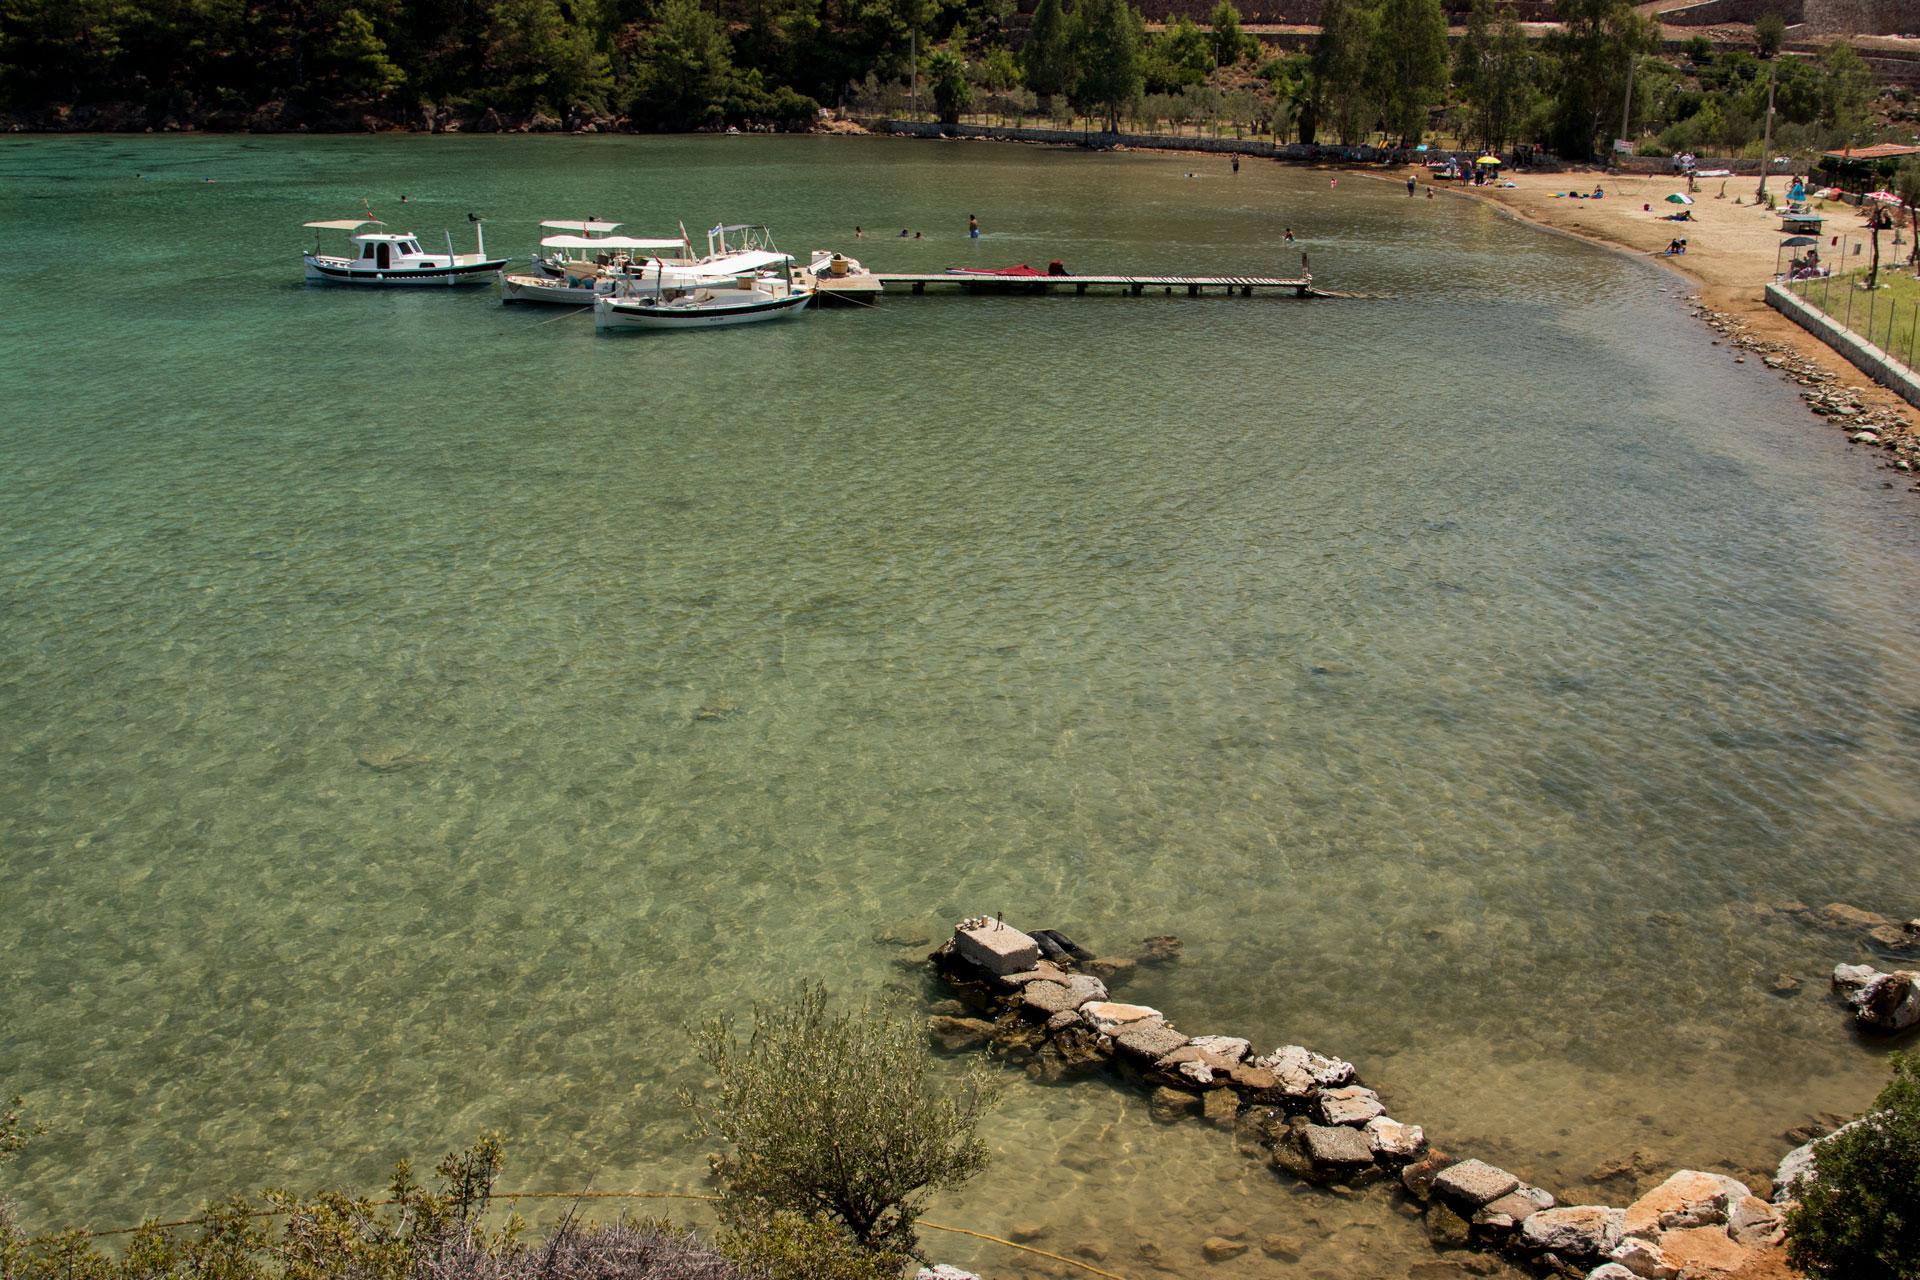 Sığ Liman Fotoğrafları Akkum Koyu Selimiye Marmaris Muğla Çekergezer Hakan Aydın Gezgin Fotoğrafçı www.cekergezer.com www.cekergezer.com